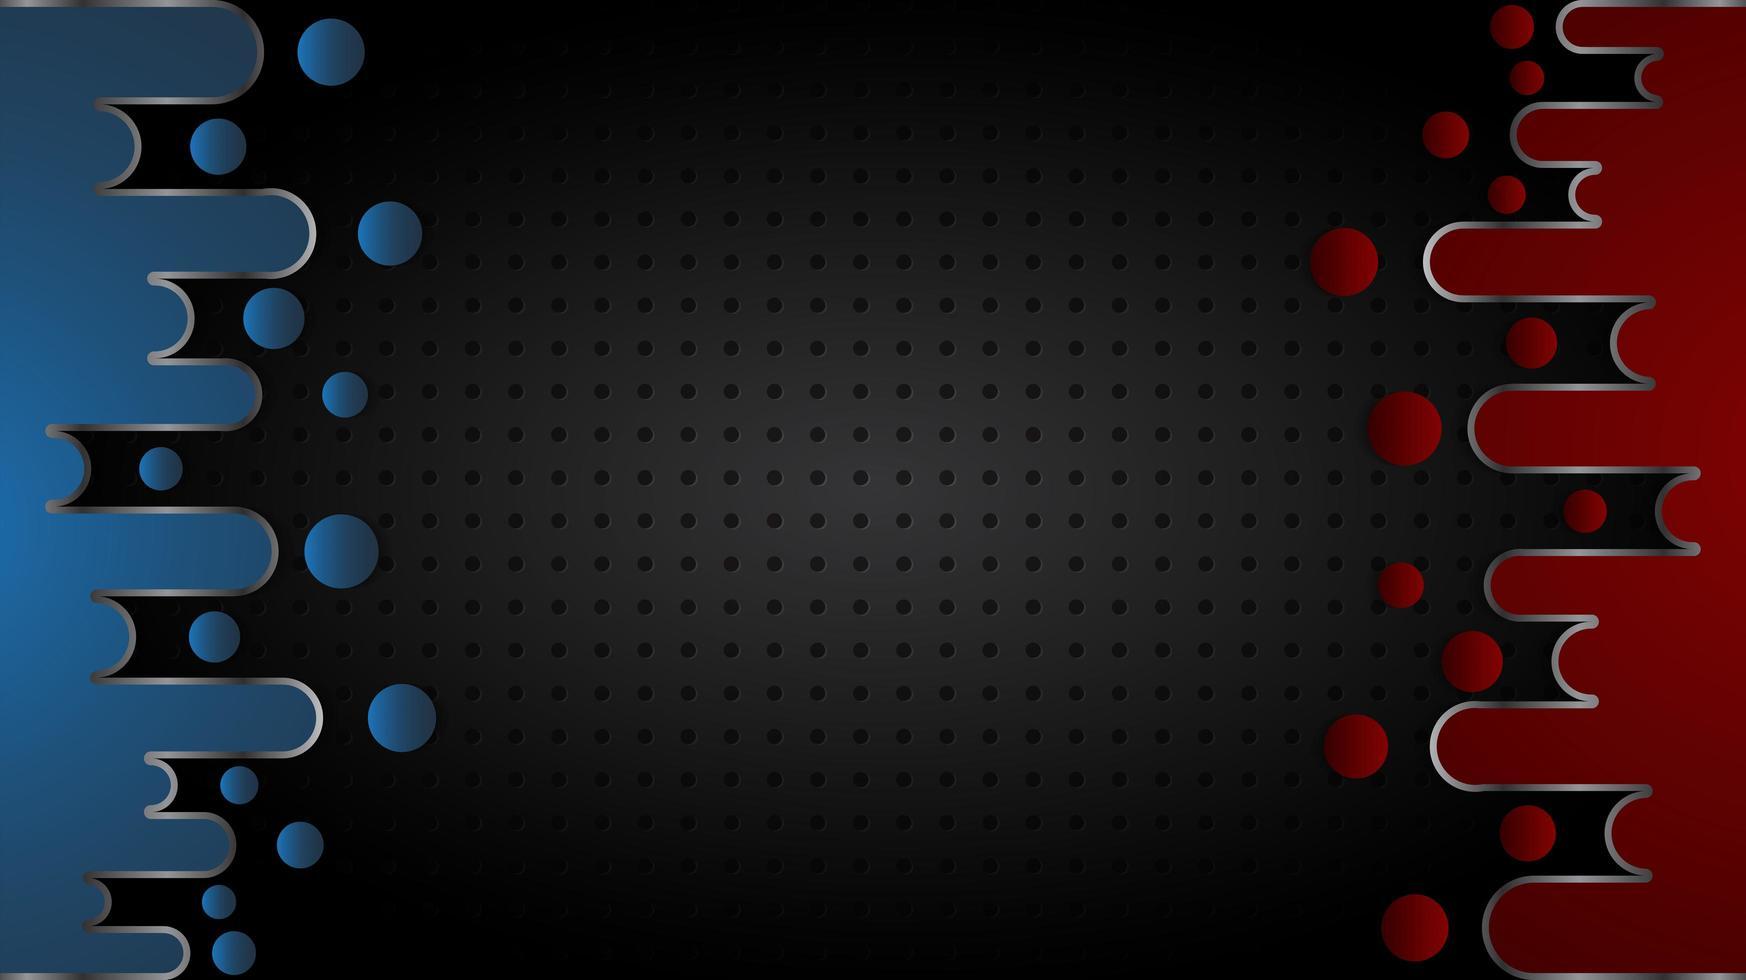 formes liquides rouges et bleues sur la texture de la grille noire vecteur